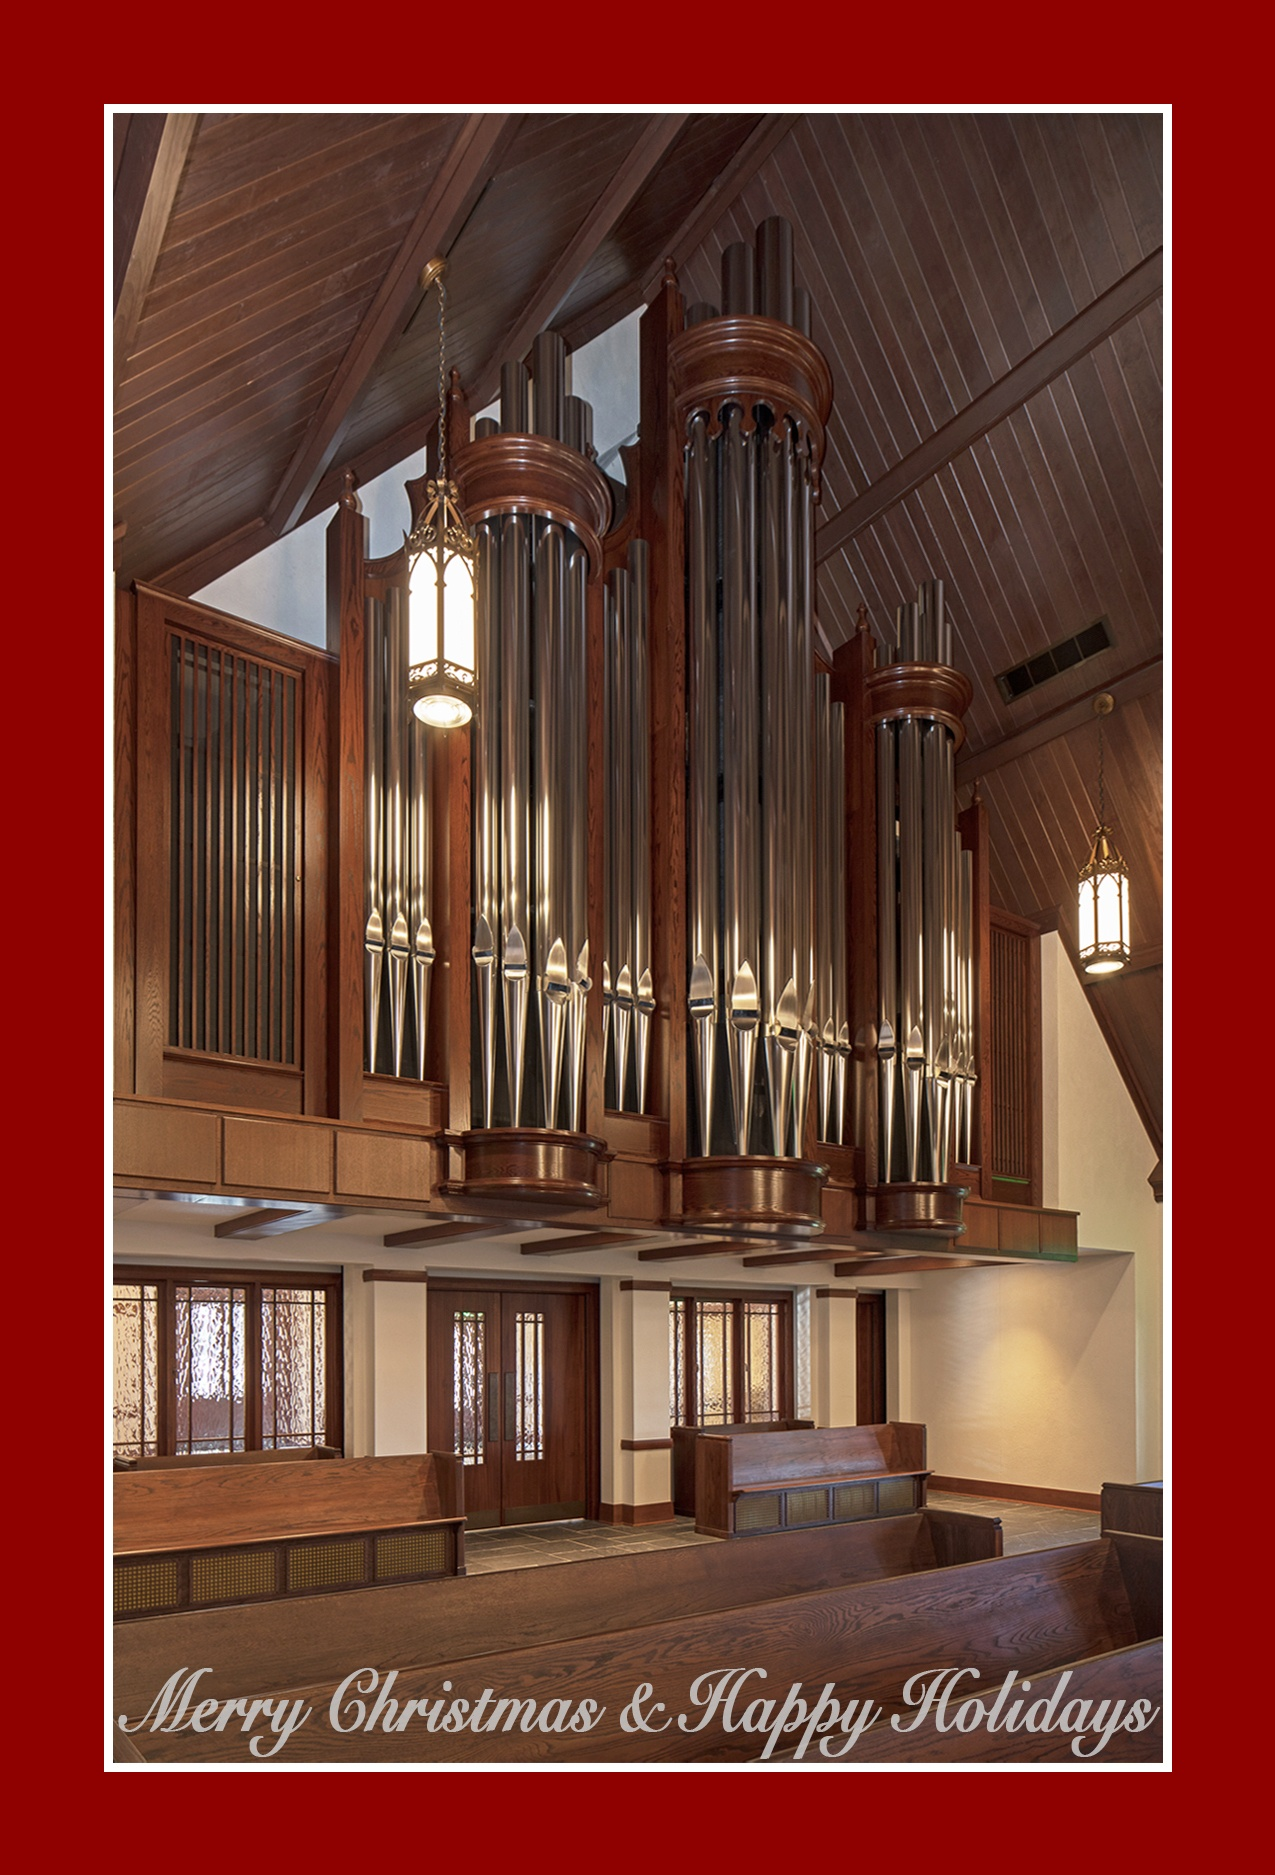 Létourneau Organ Featured on Christmas Card